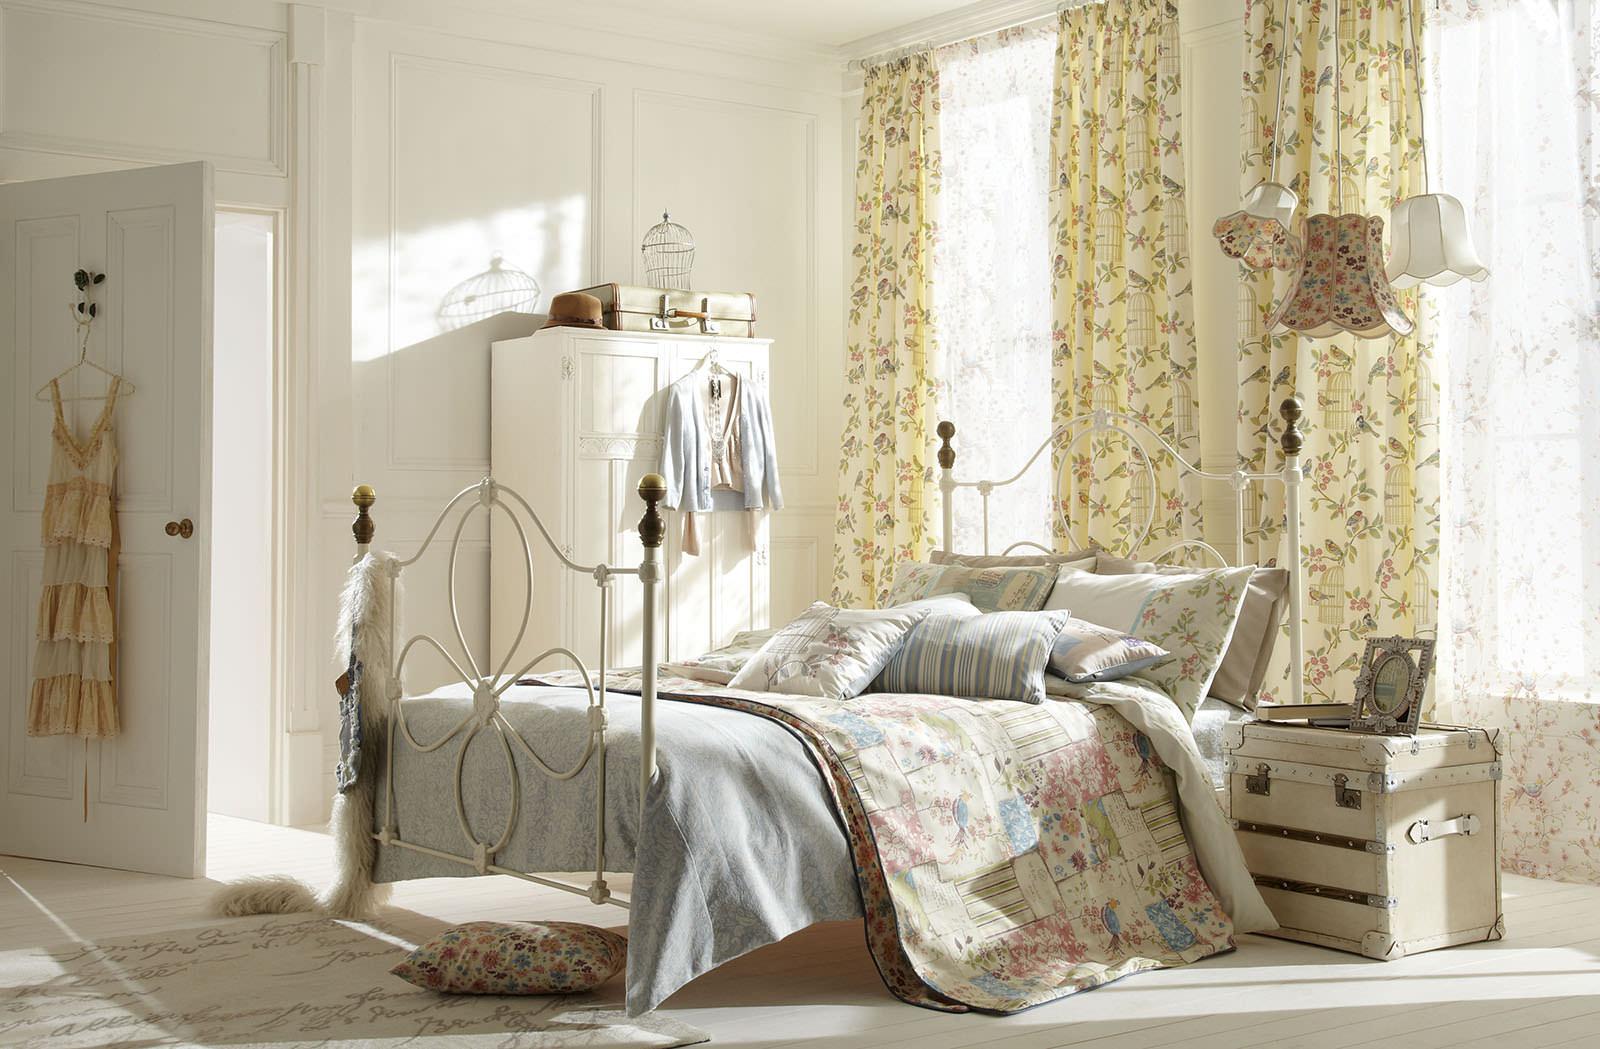 Стильная мебель в спальне шебби-шик